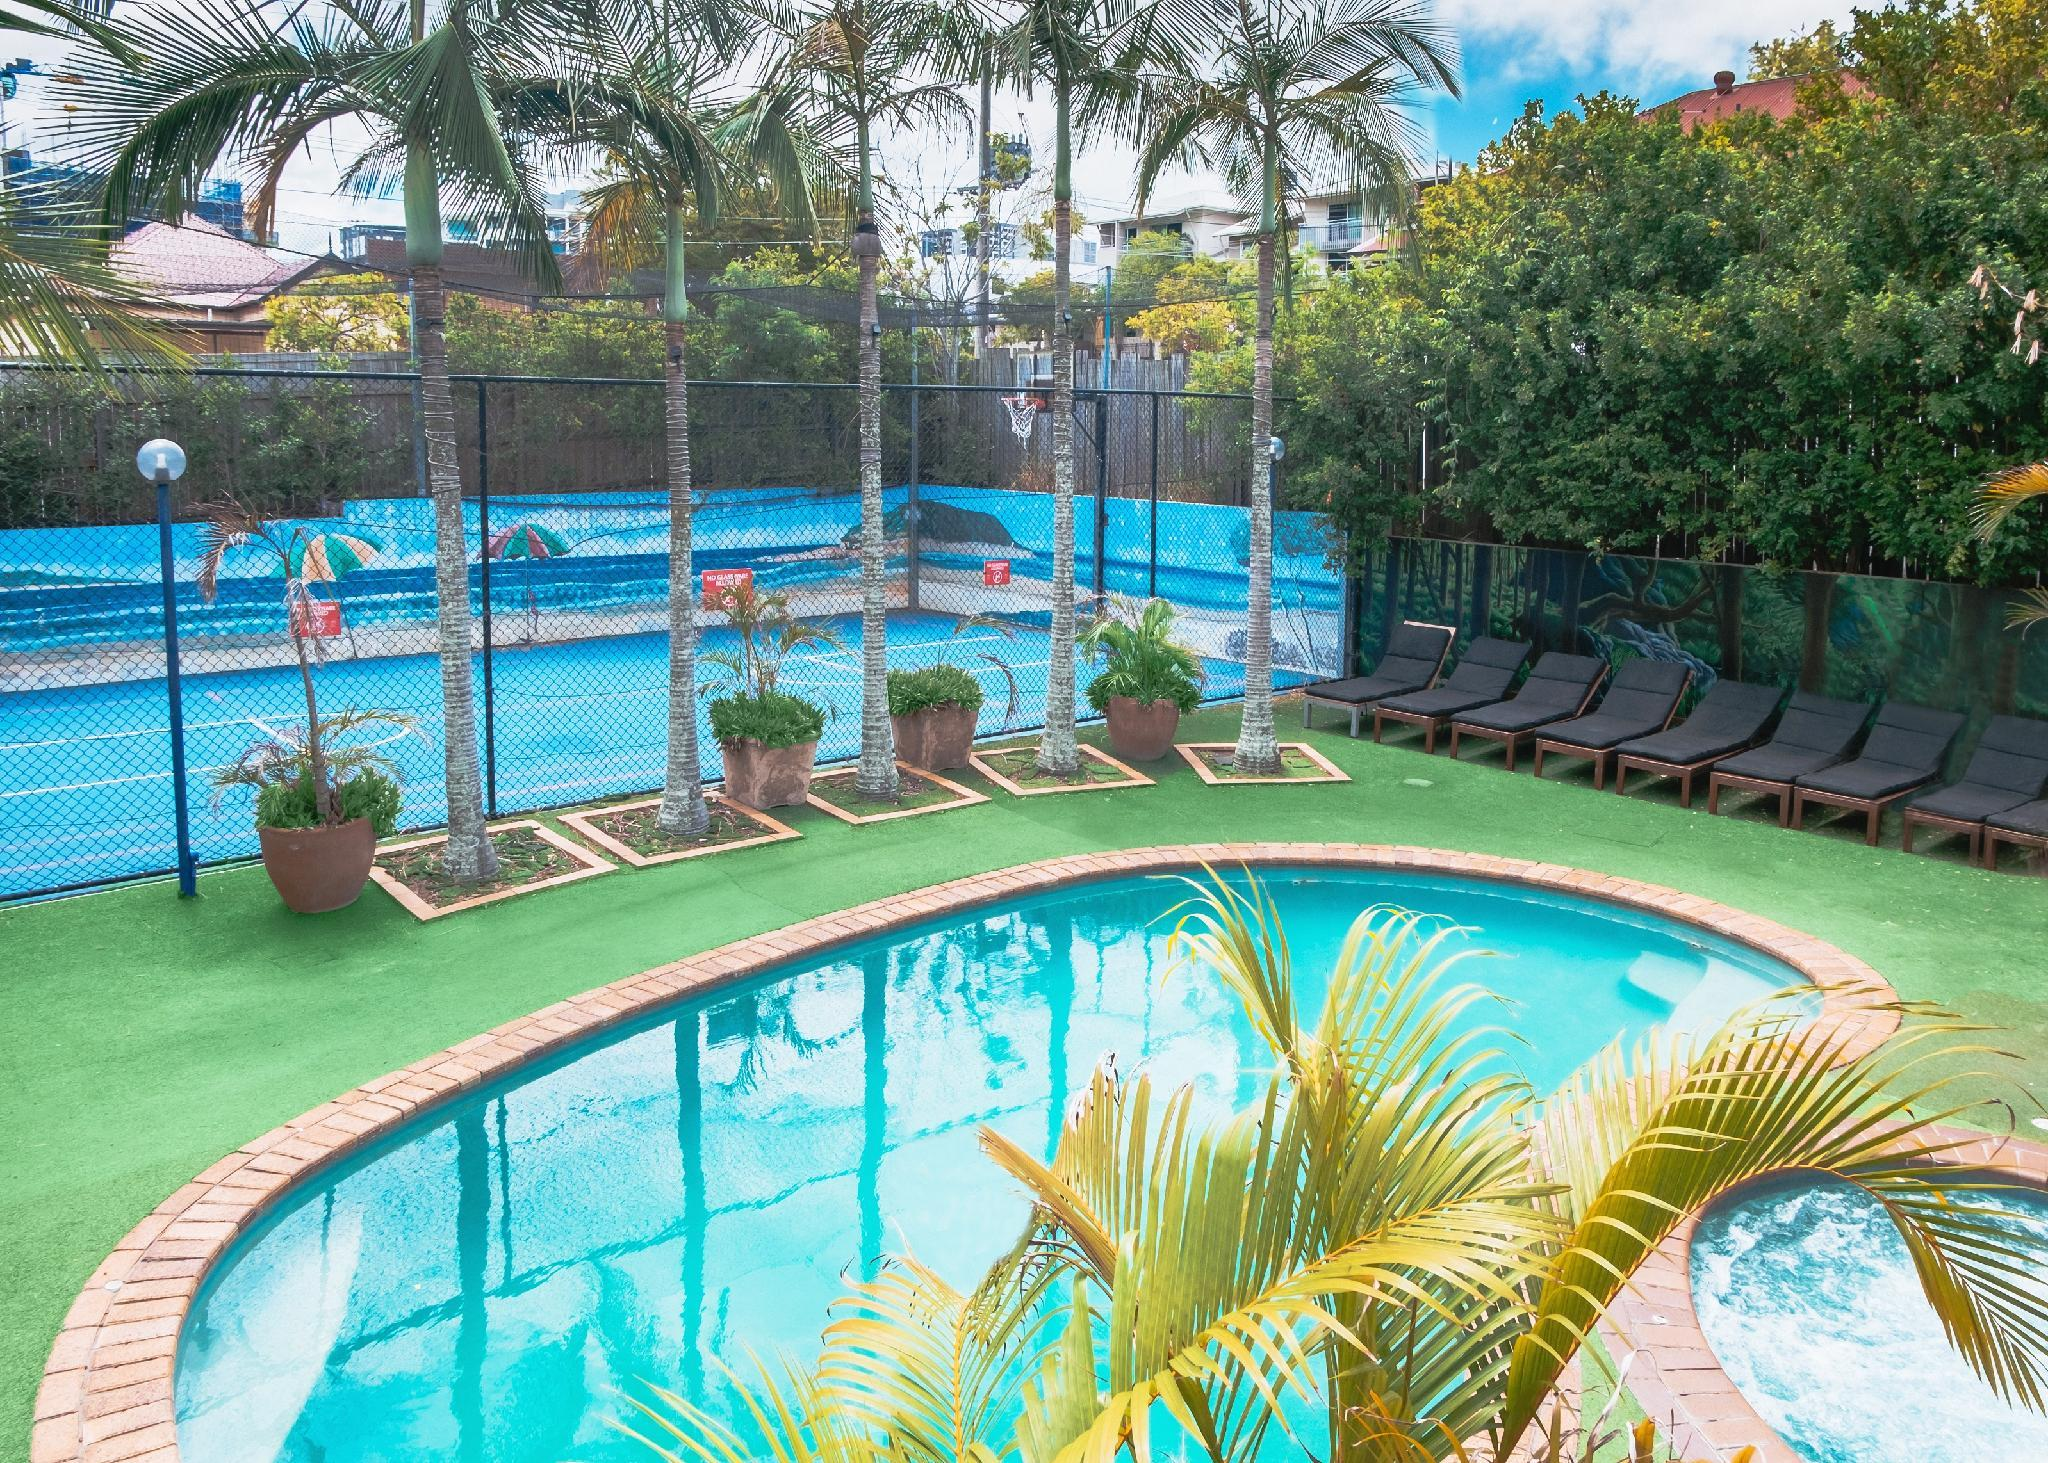 Brisbane Backpackers Resort, West End